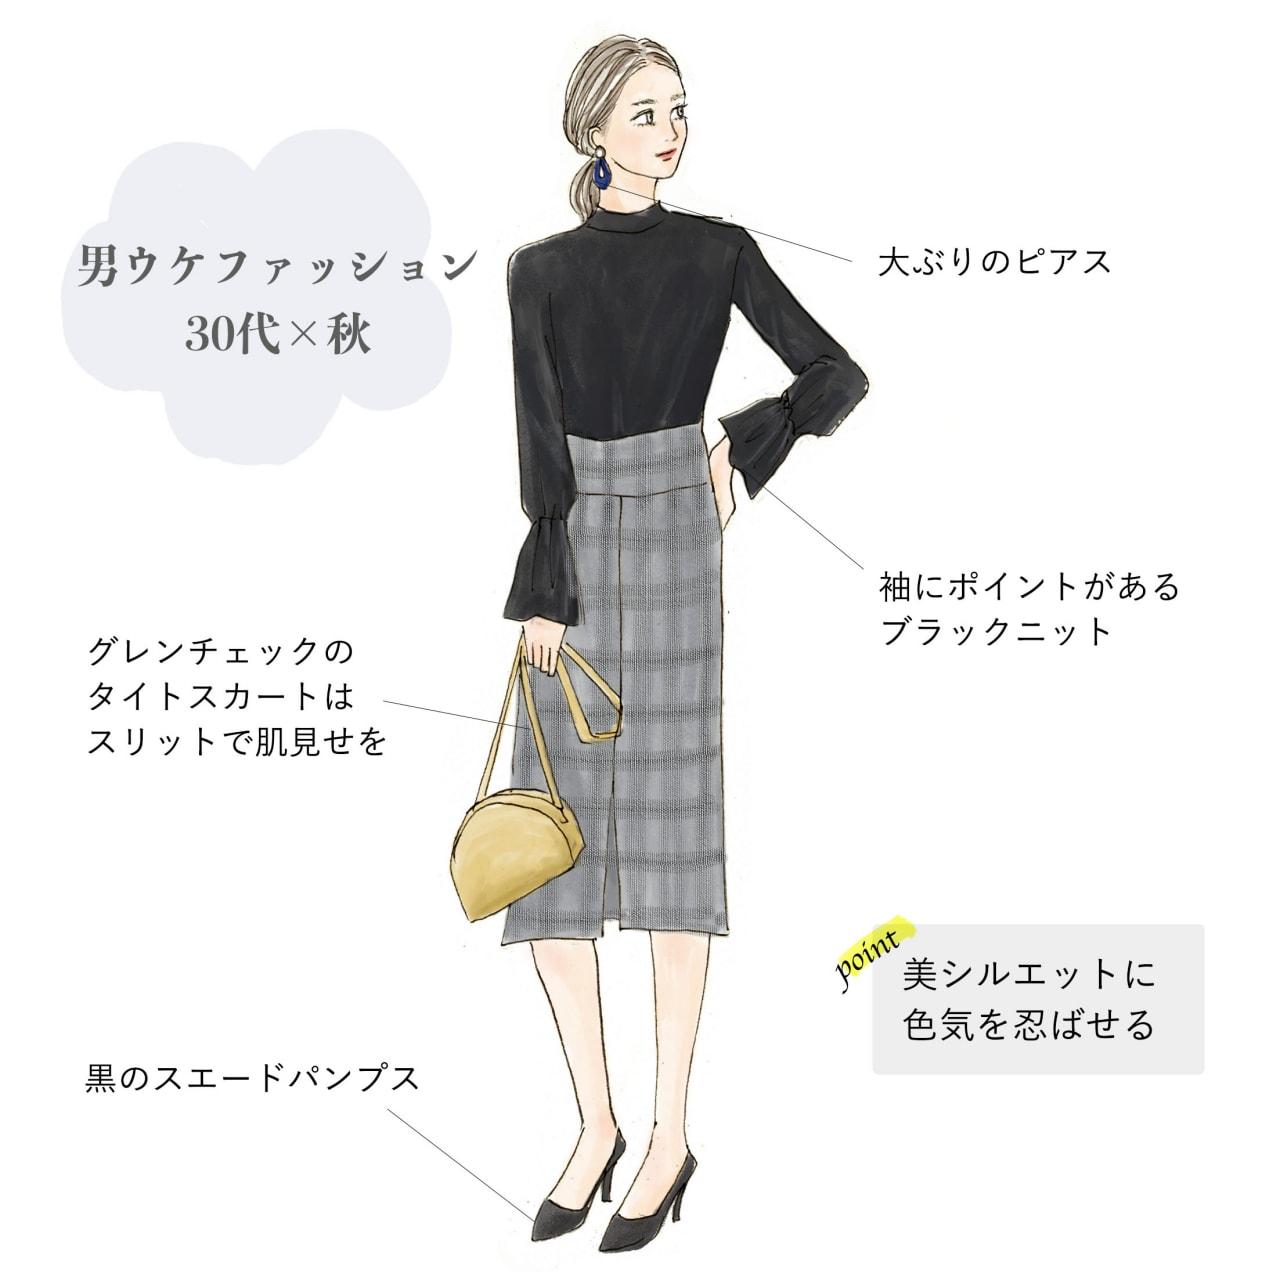 男ウケファッション 30代×秋